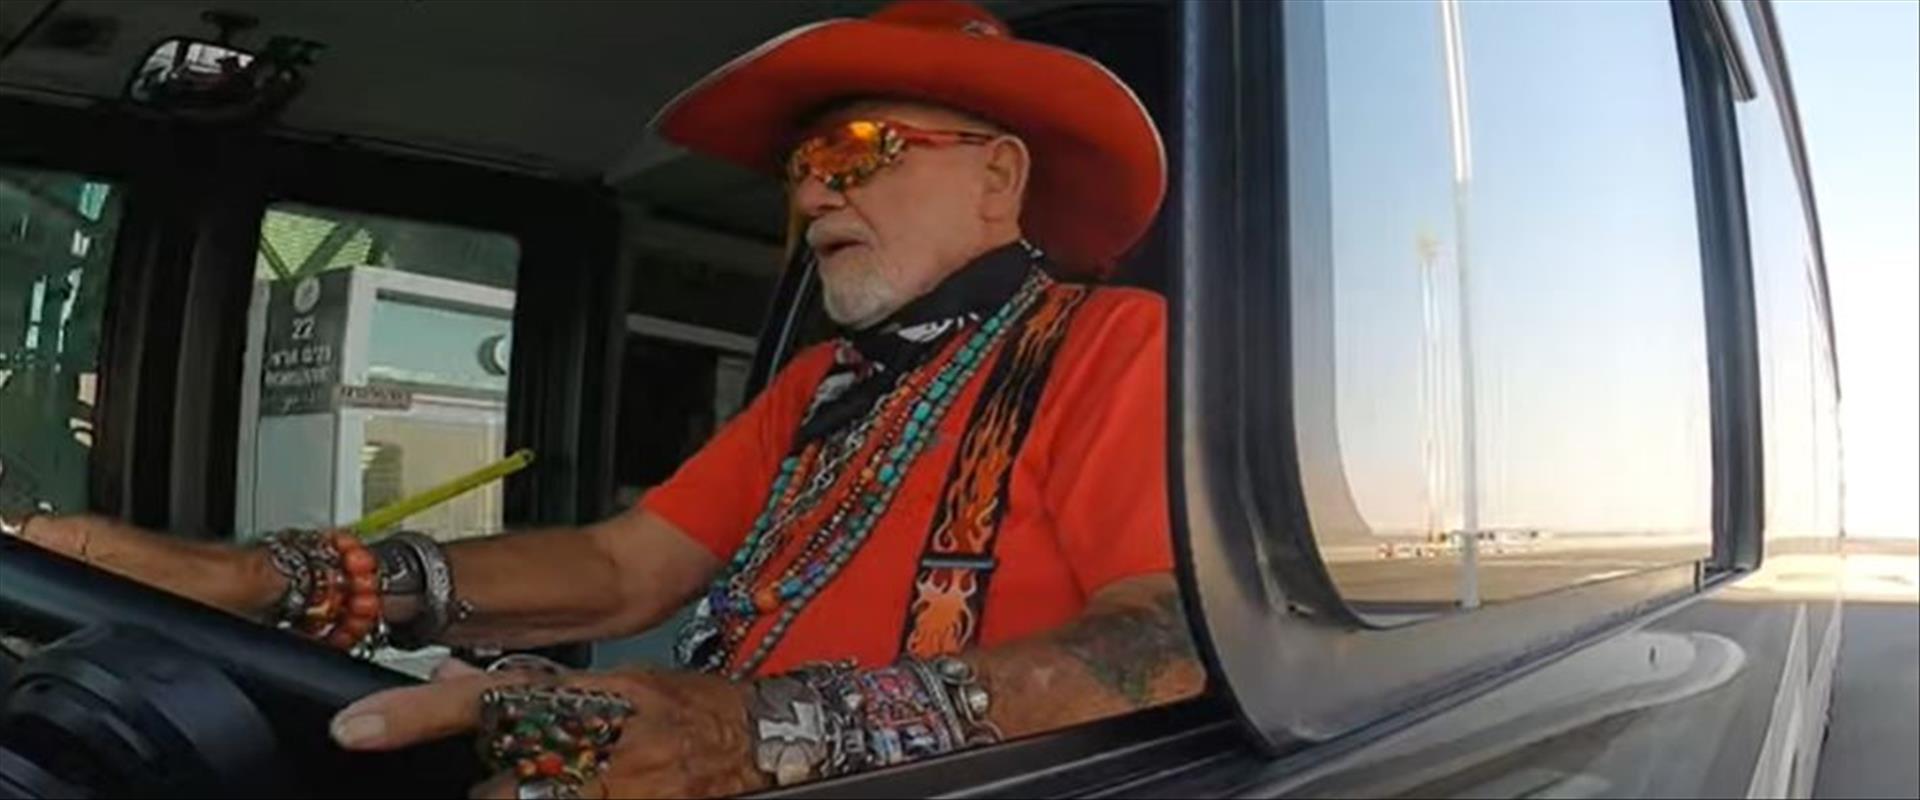 נהג האוטובוס ארזי גפן